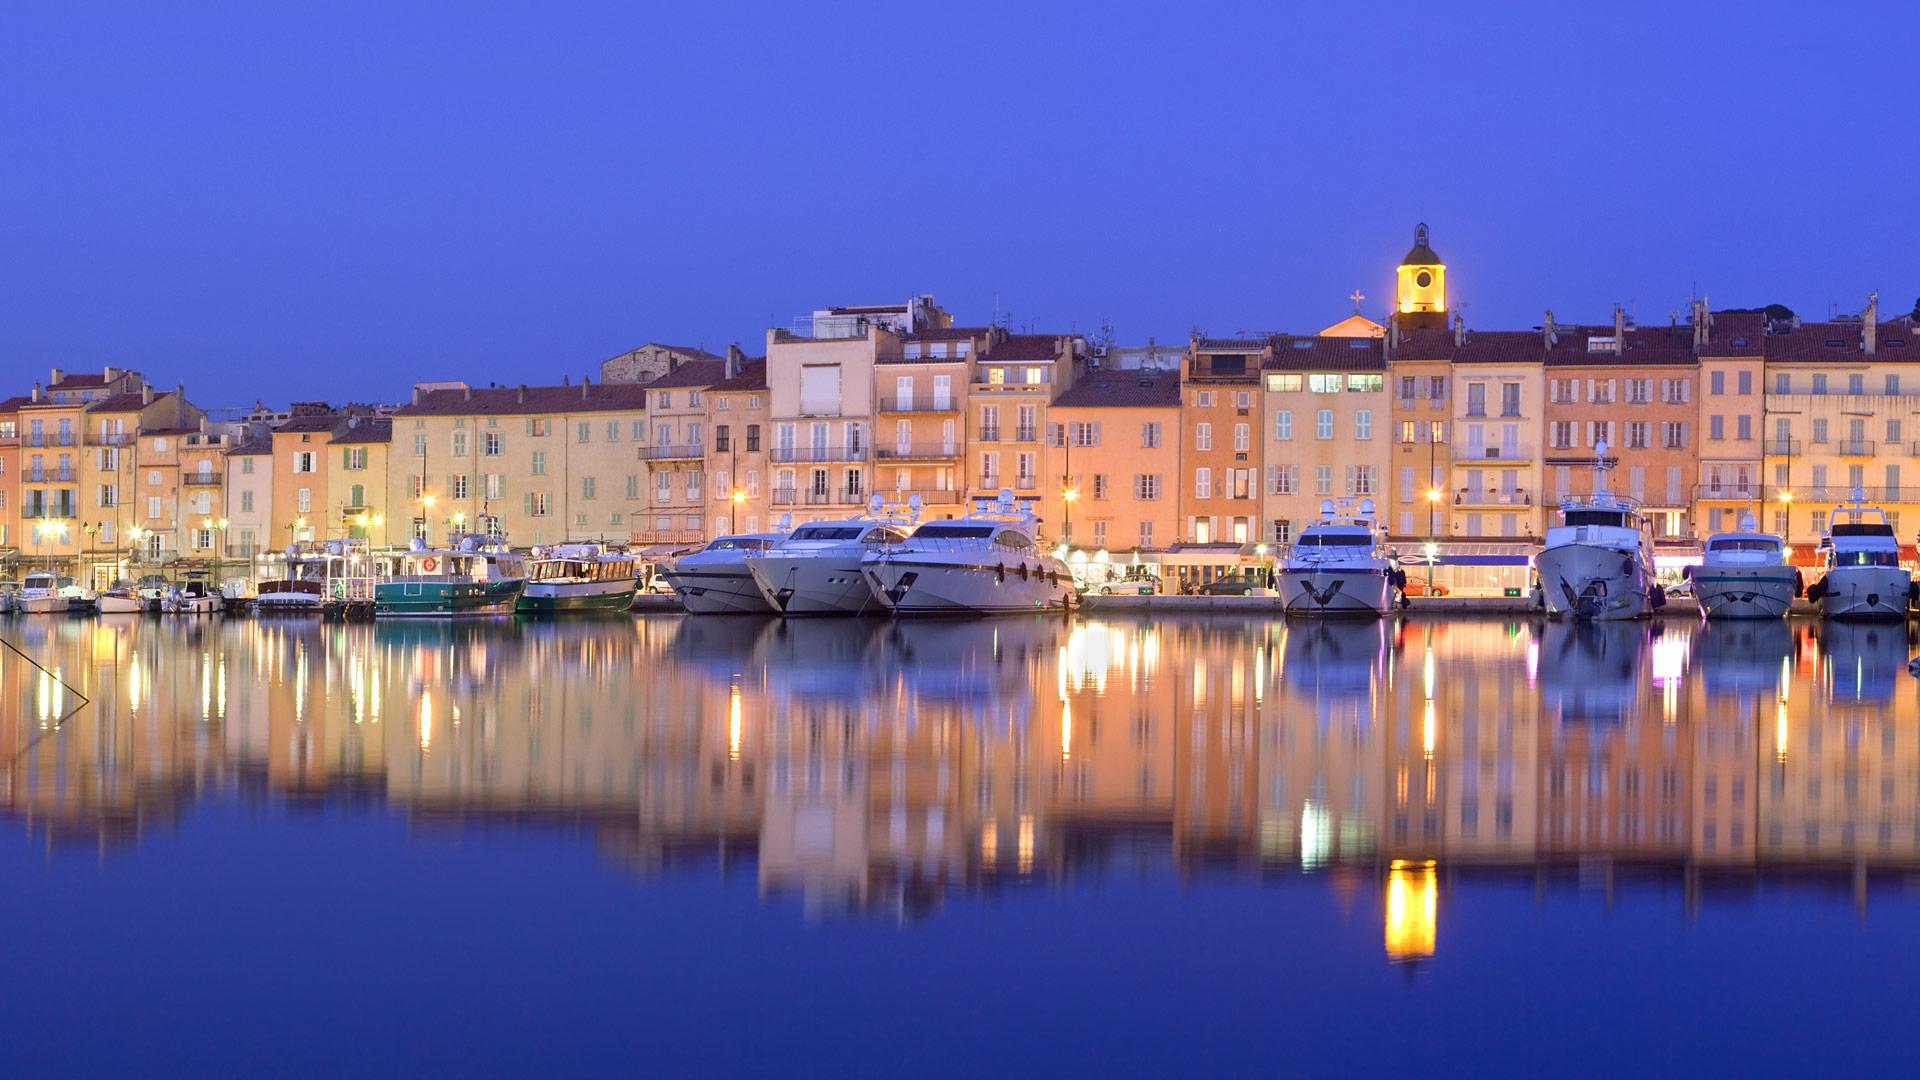 Saint Tropez Harbor Bing Wallpaper Download 1920x1080